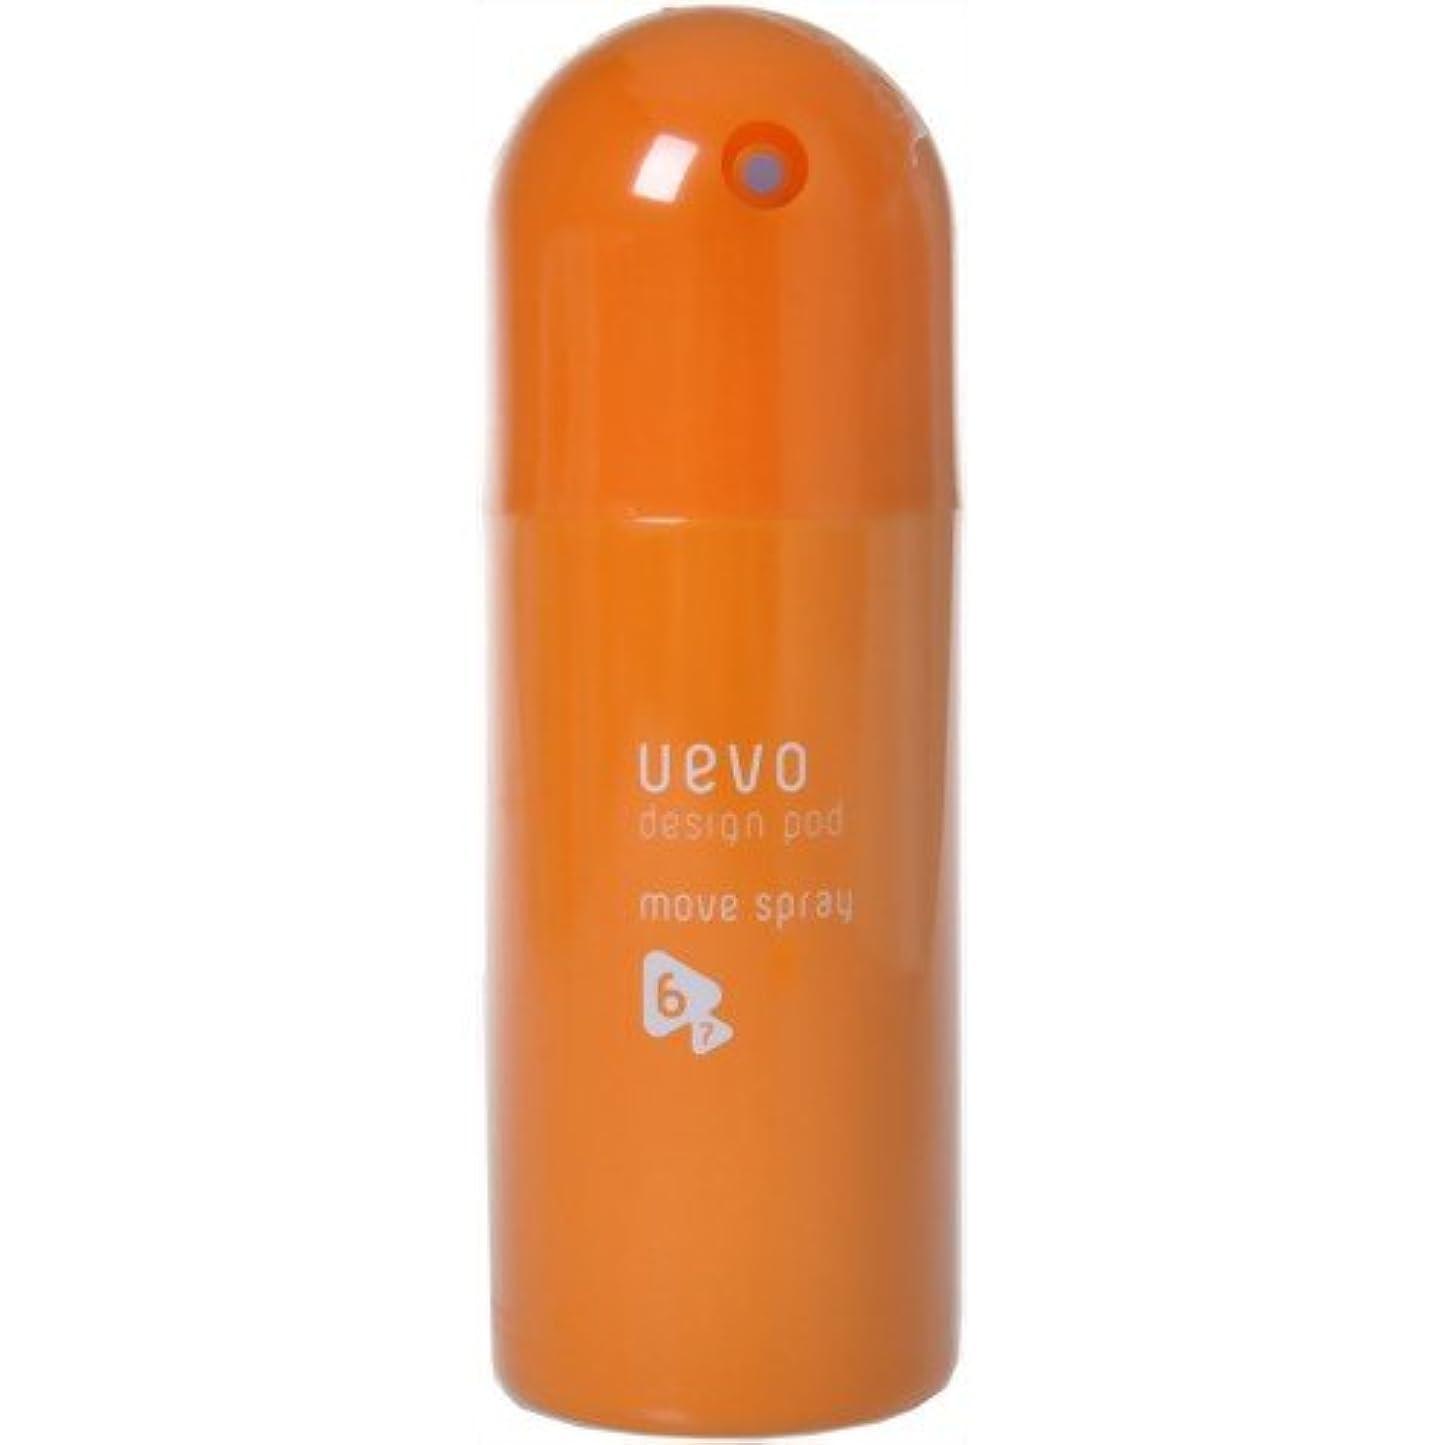 デミ ウェーボ デザインポッド ムーブスプレー 220ml move spray DEMI uevo design pod